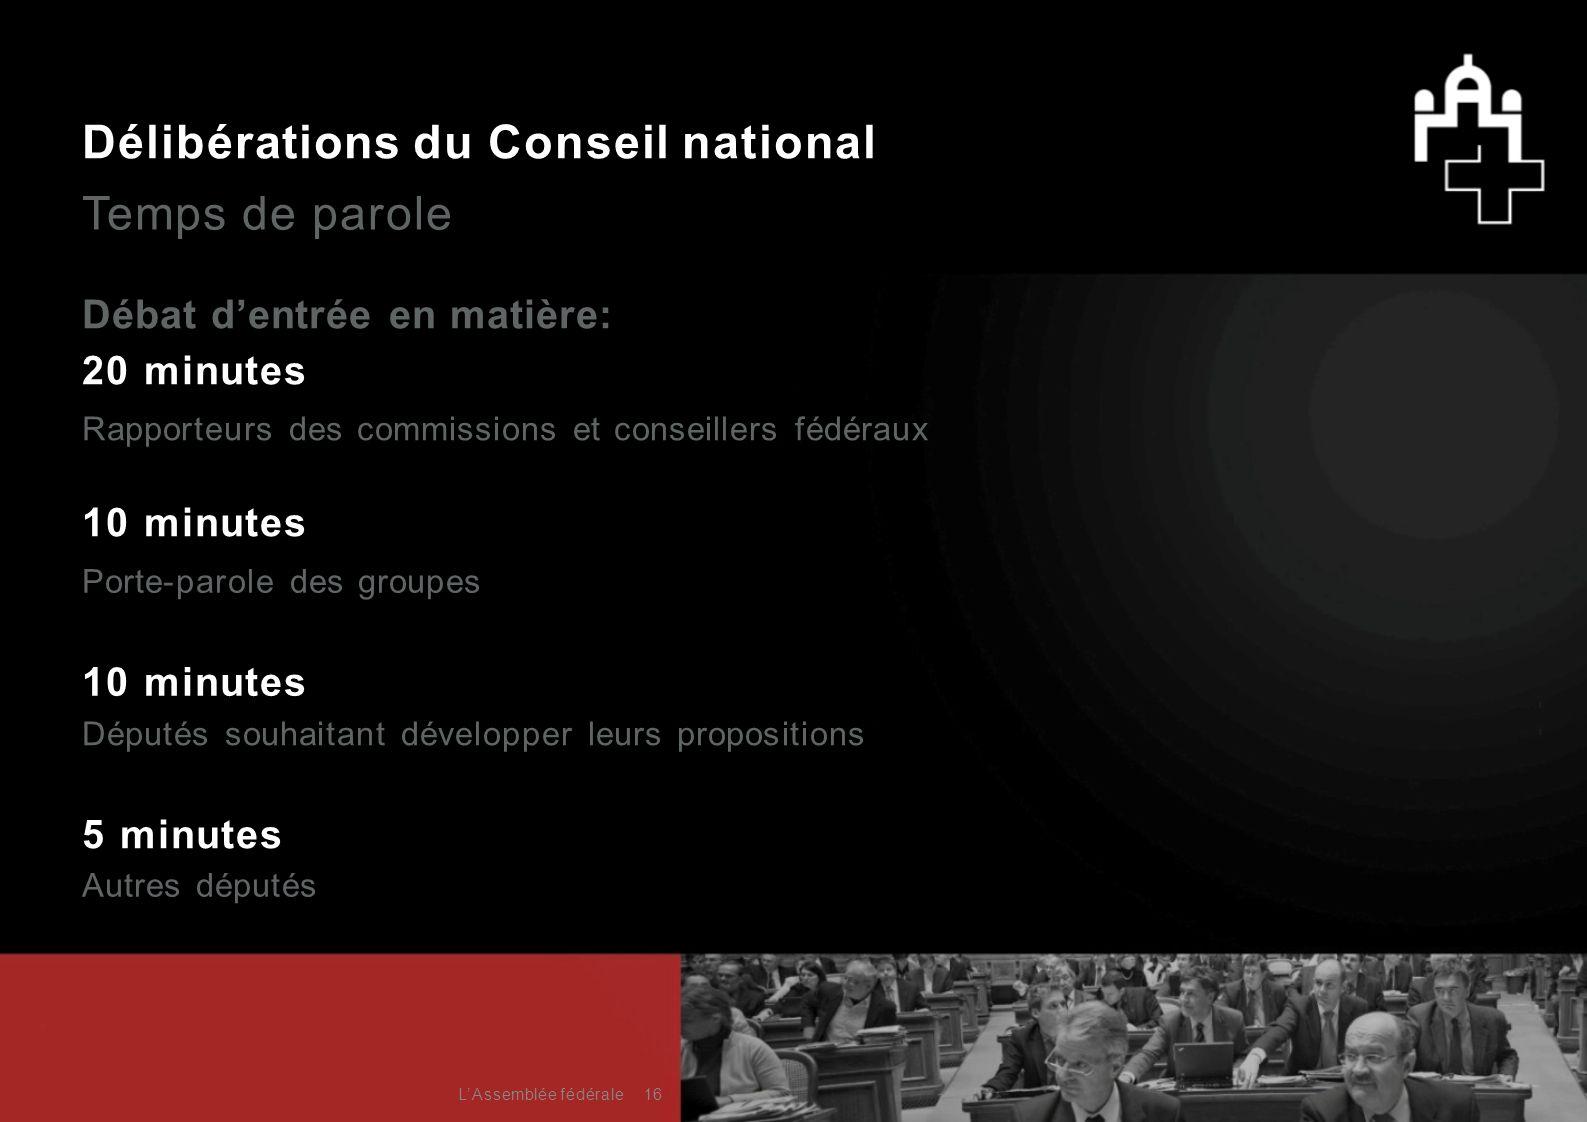 Délibérations du Conseil national